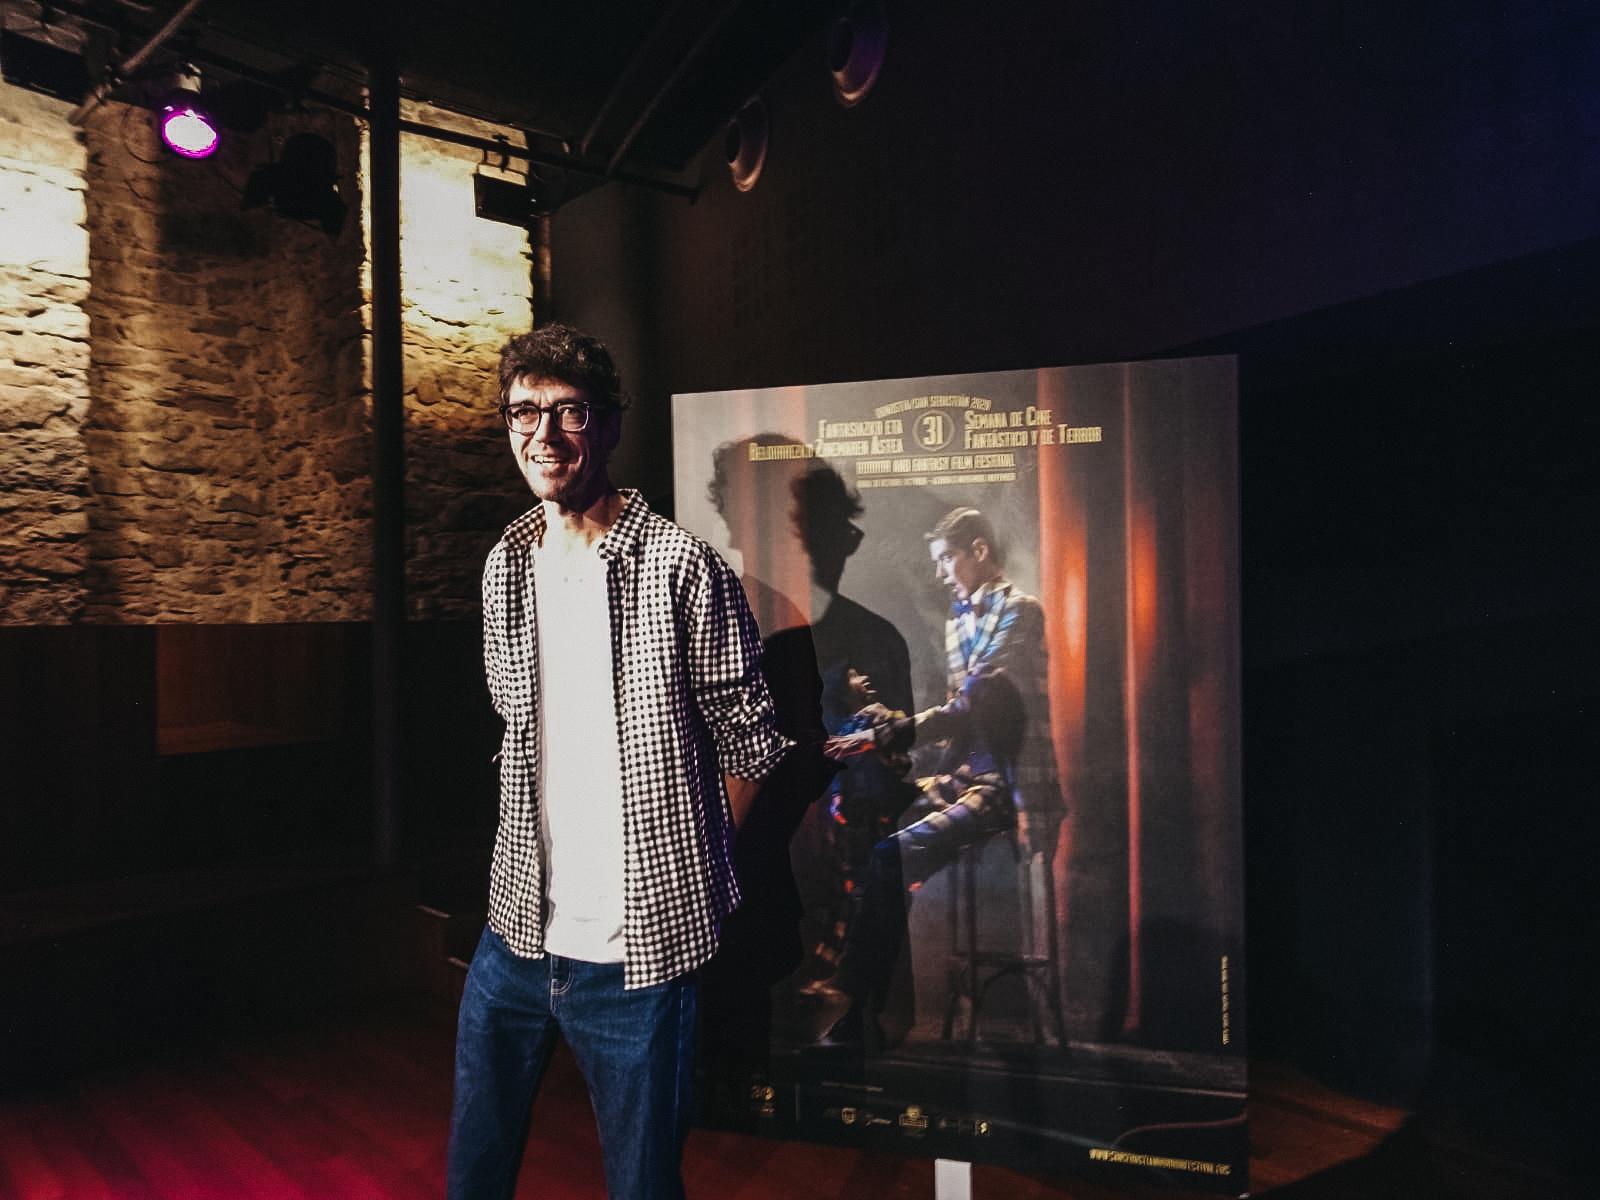 Javier Botet con el cartel de la Semana que él mismo protagoniza. Foto: A.E